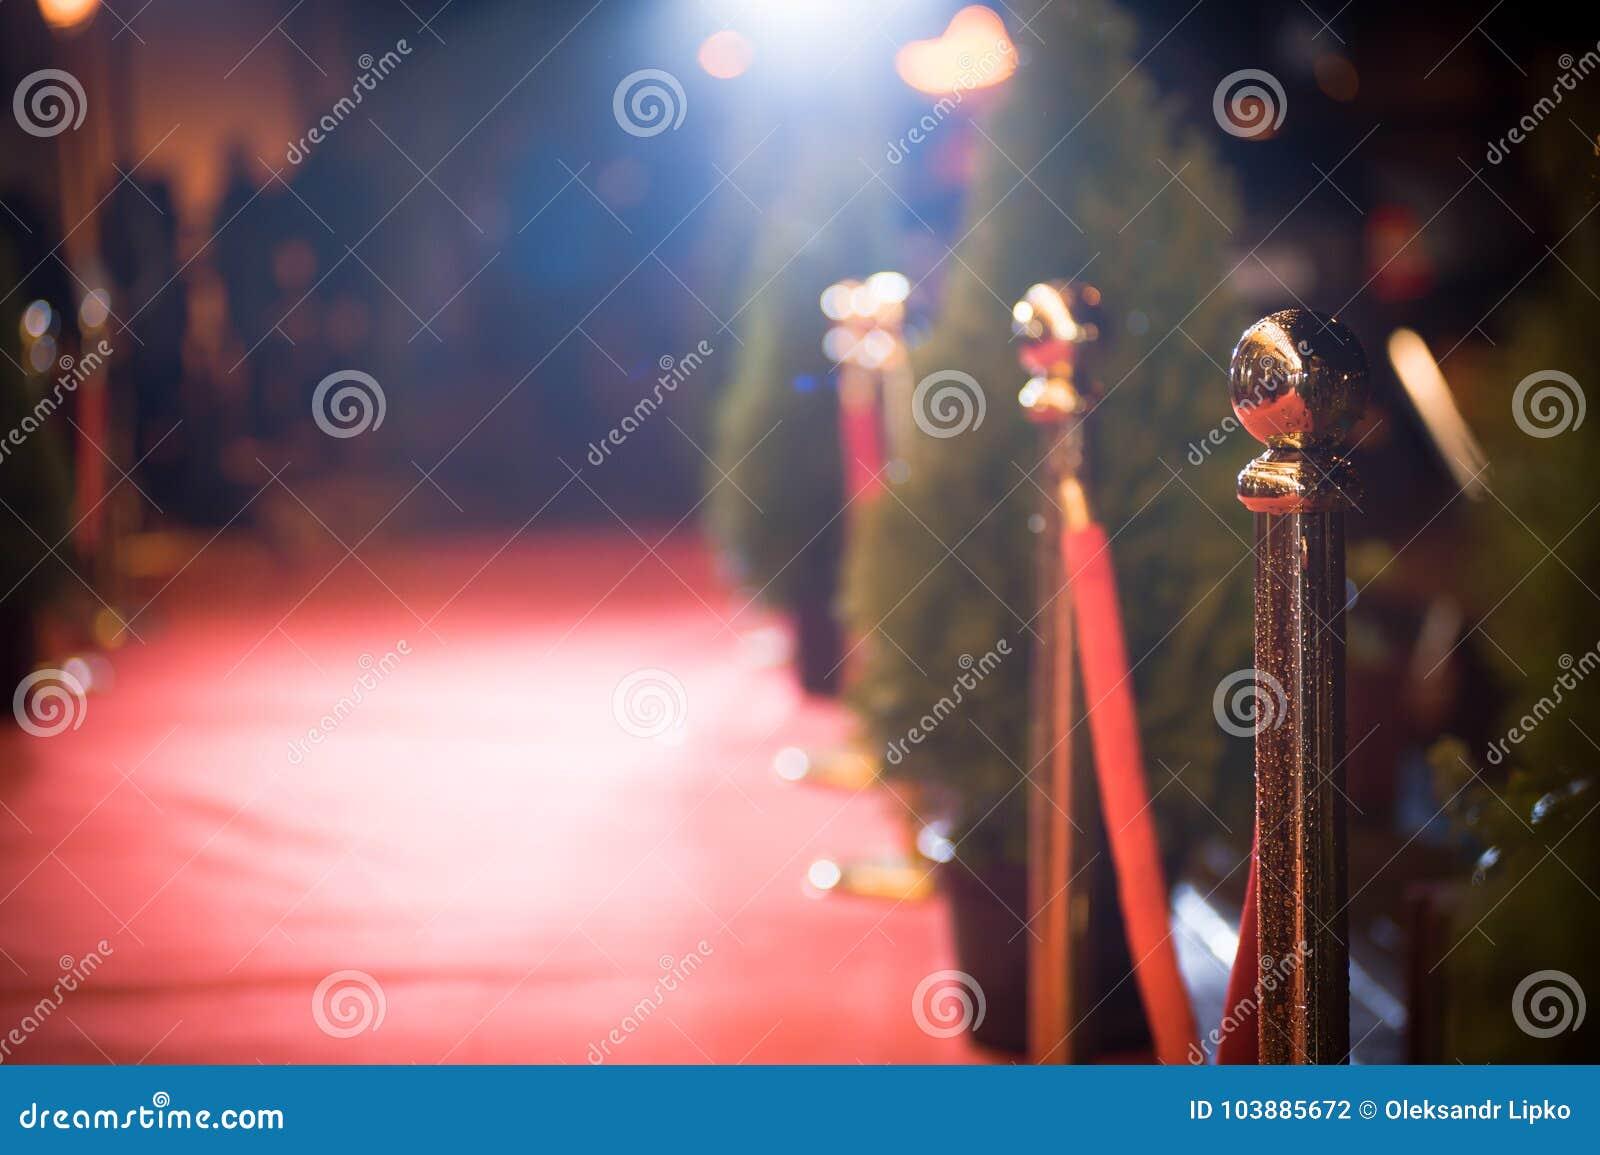 Roter Teppich - wird traditionsgemäß benutzt, um den Weg zu markieren, der durch Staatsoberhäupter bei den zeremoniellen und form